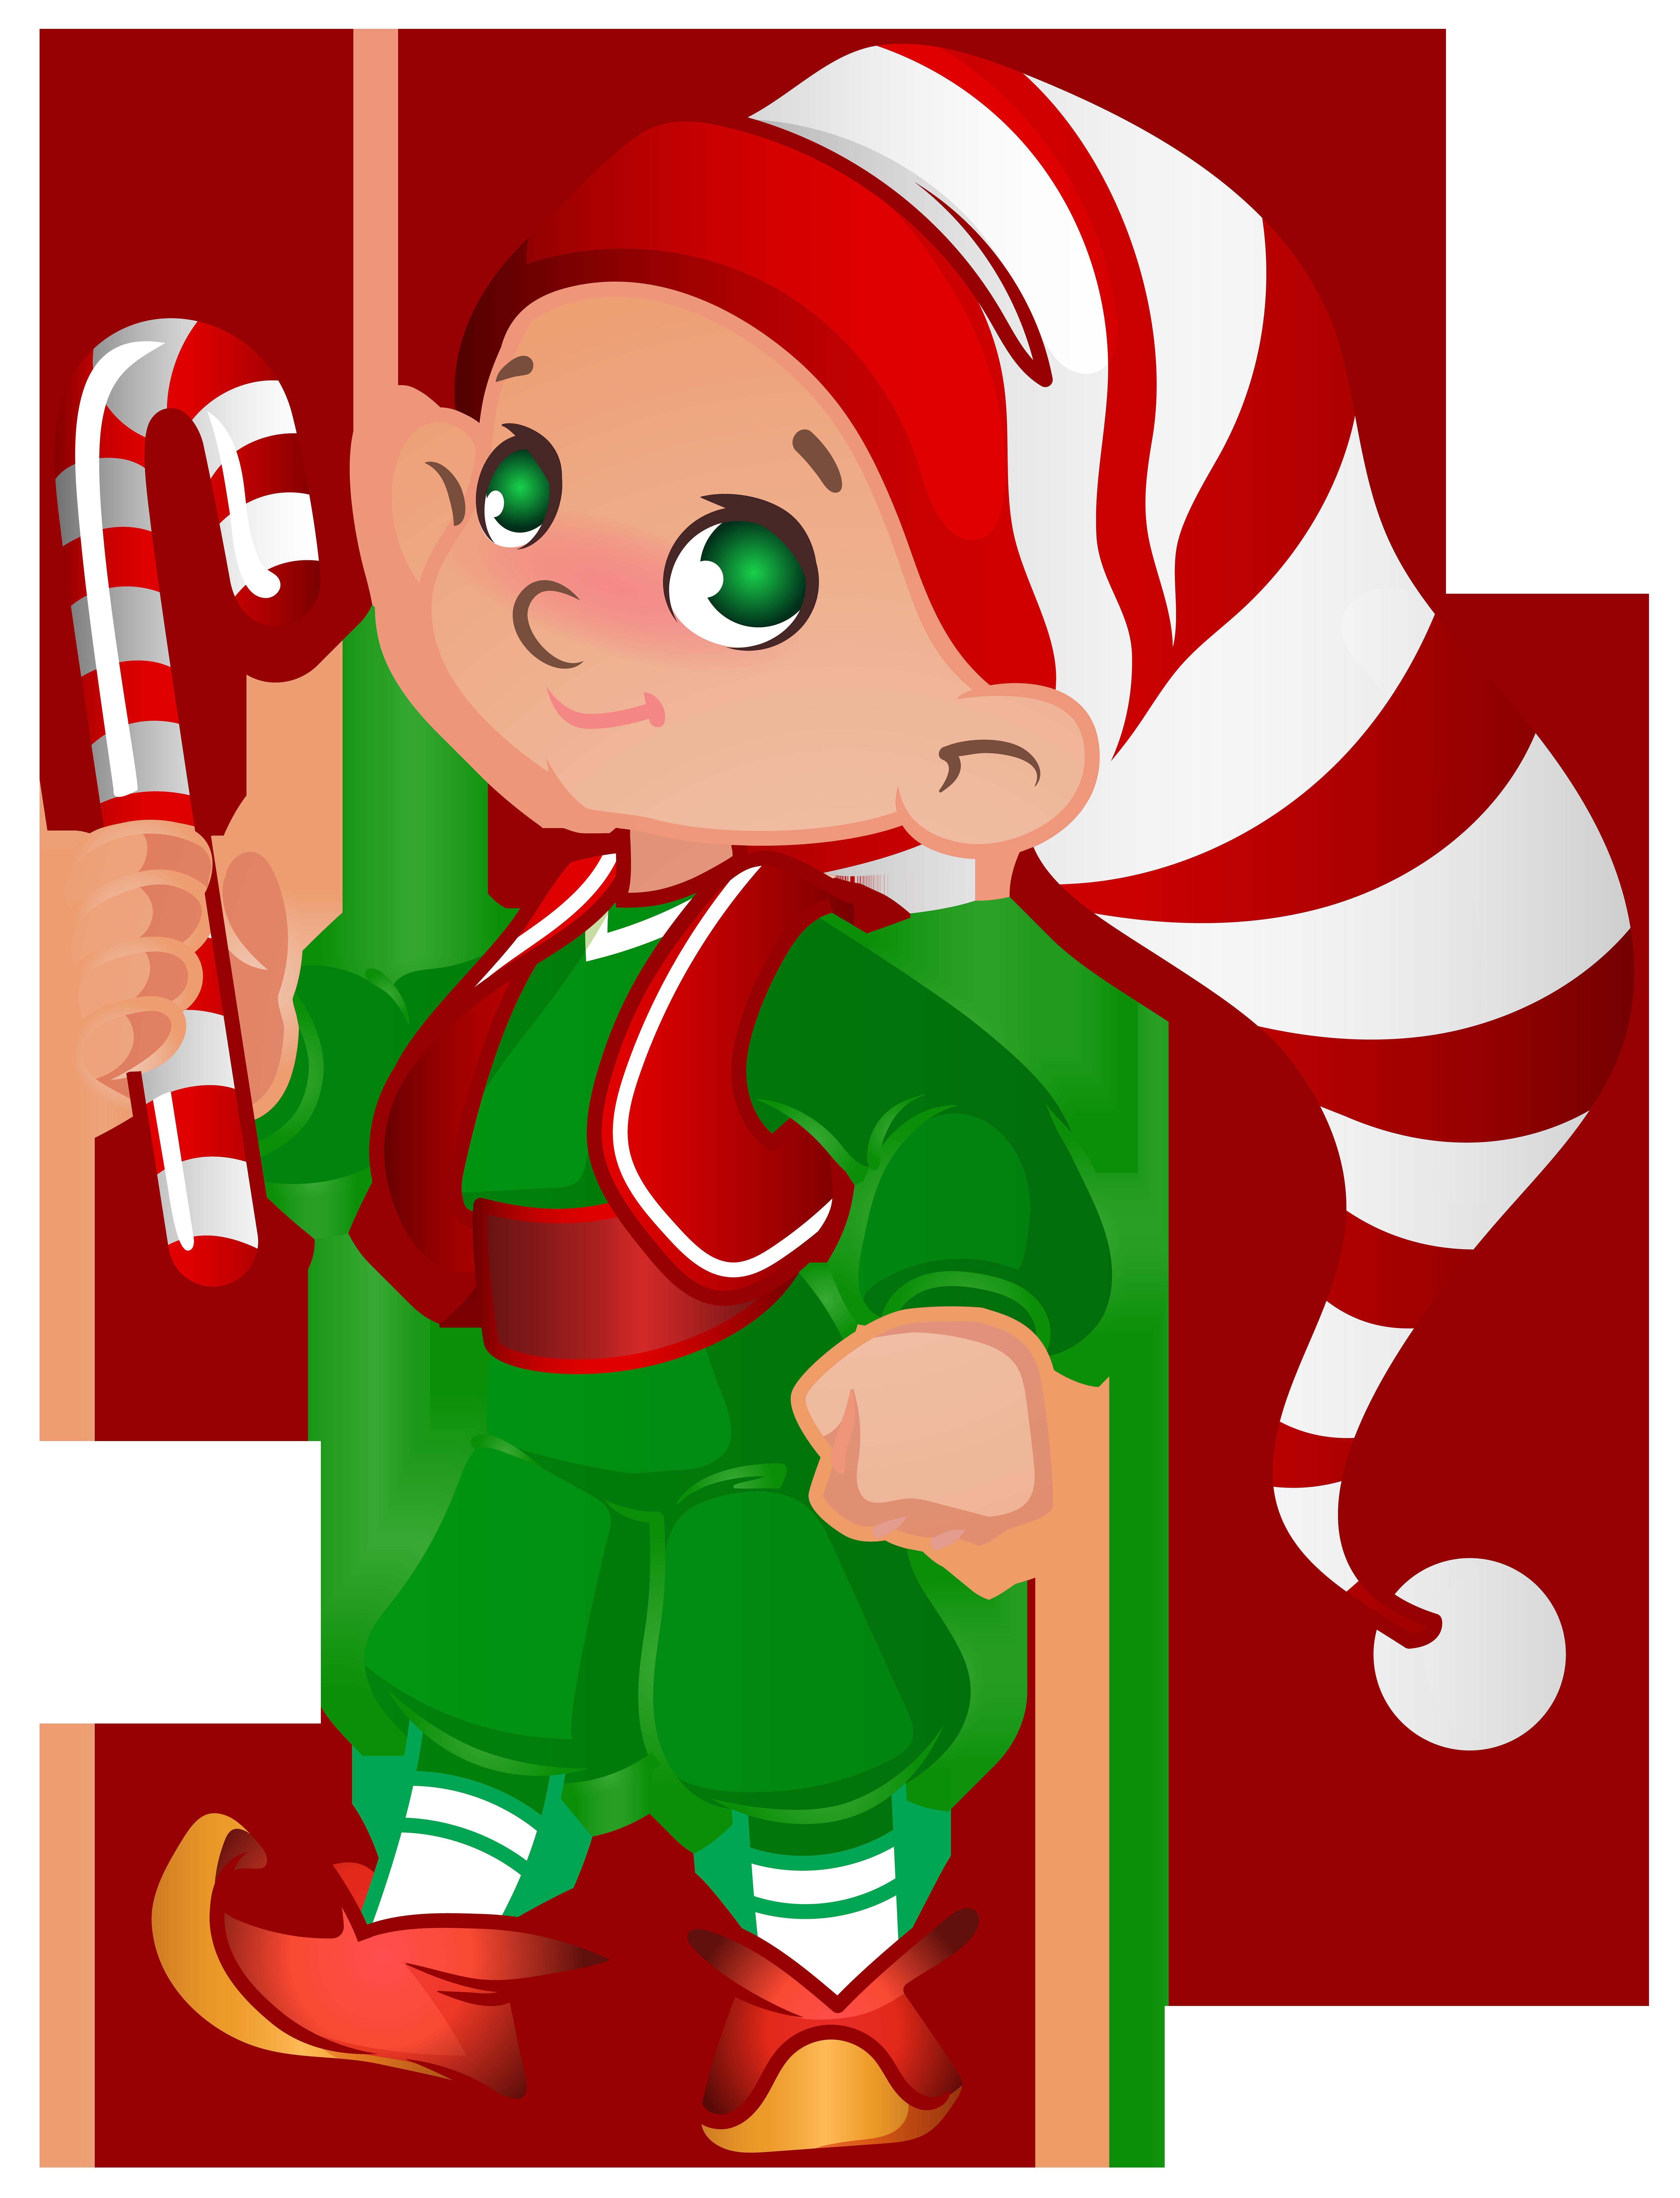 Elf Santa Helper Transparent Clip Art Image